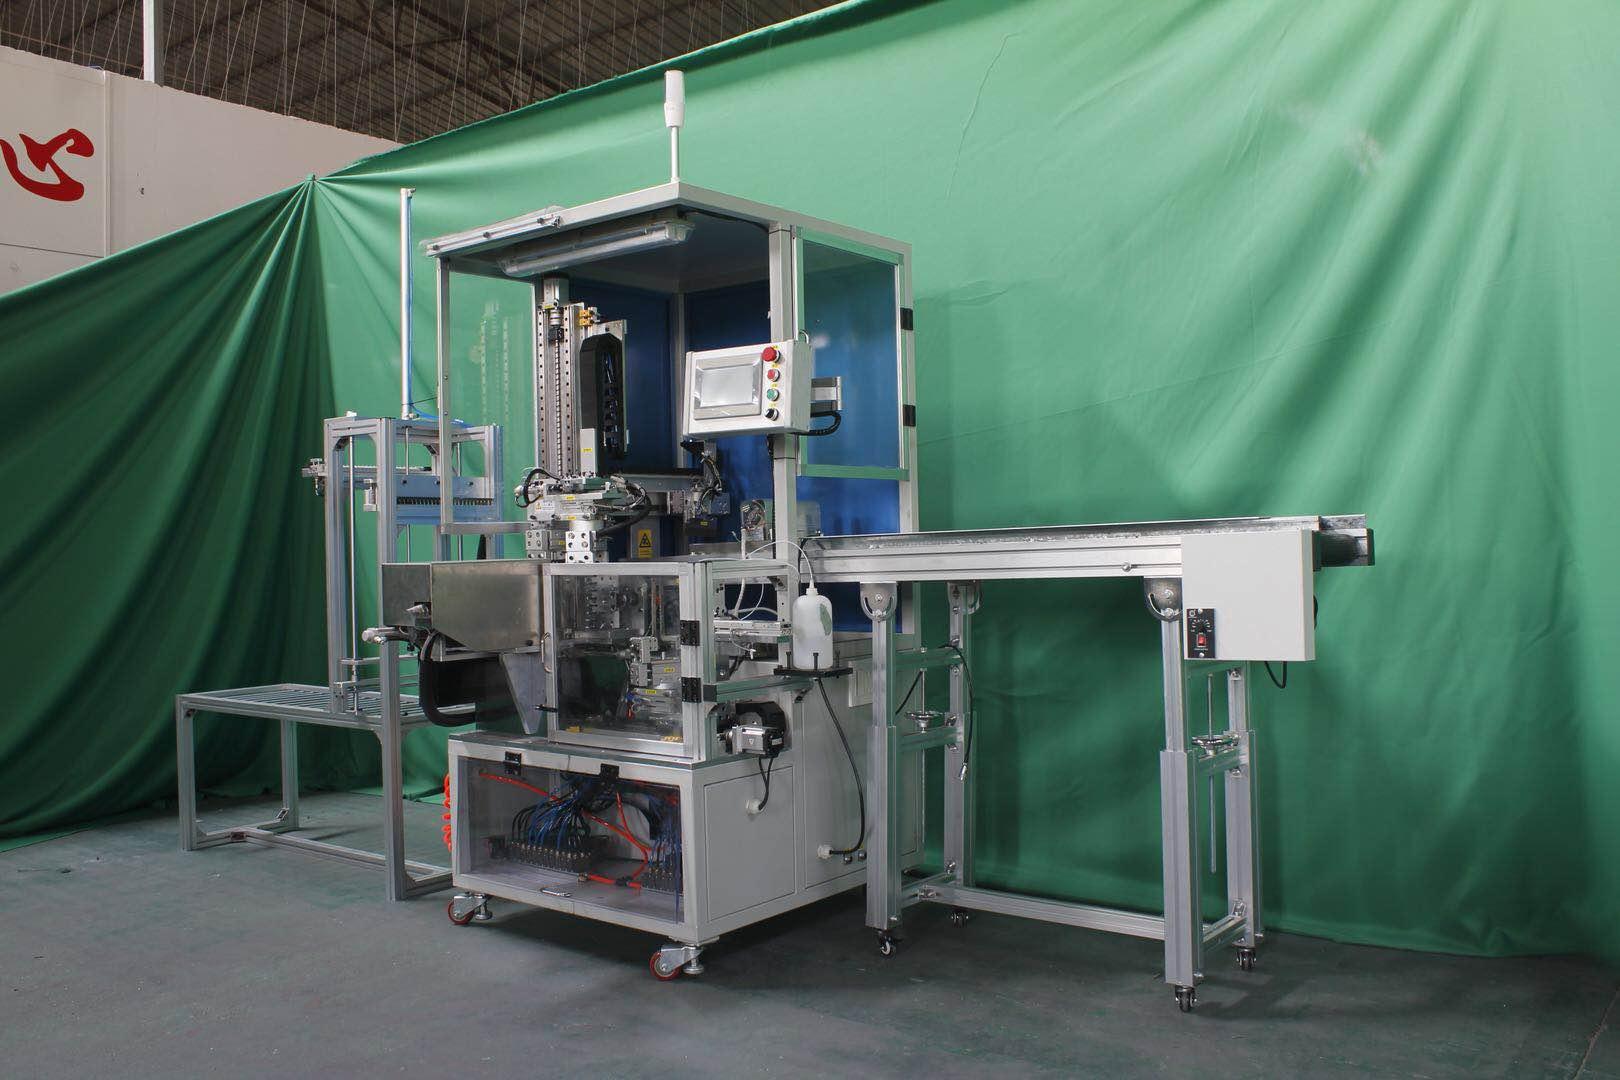 自动化粘胶机制造商 自动化粘胶机供应商 广东自动化粘胶机厂家 自动化粘胶机联系方式 自动化粘胶机价格 橡皮筋自动化粘胶机